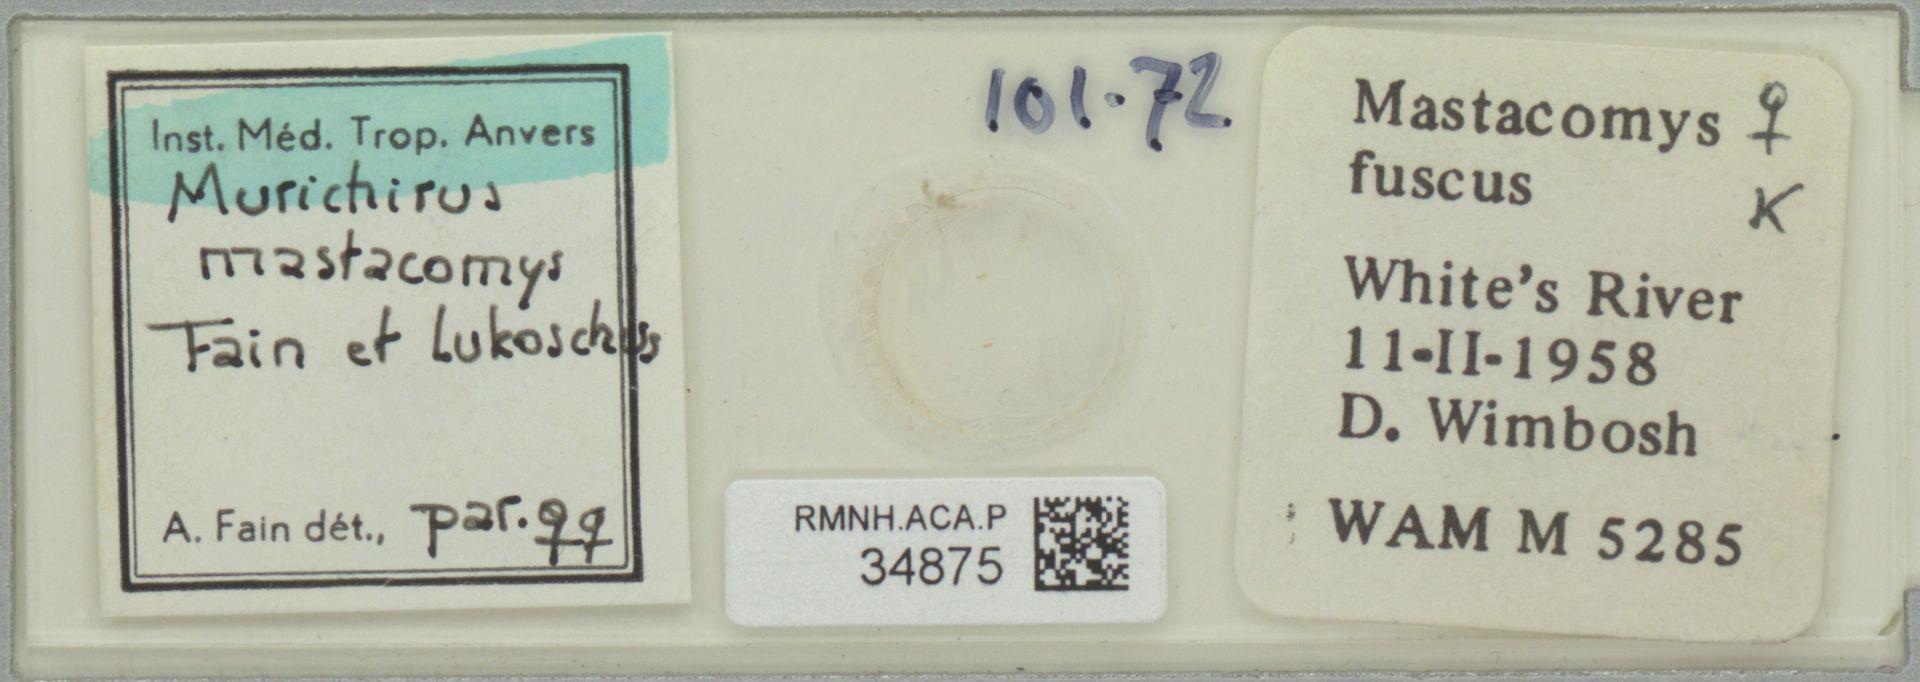 RMNH.ACA.P.34875 | Murichirus mastacomys Fain & Lukoschus